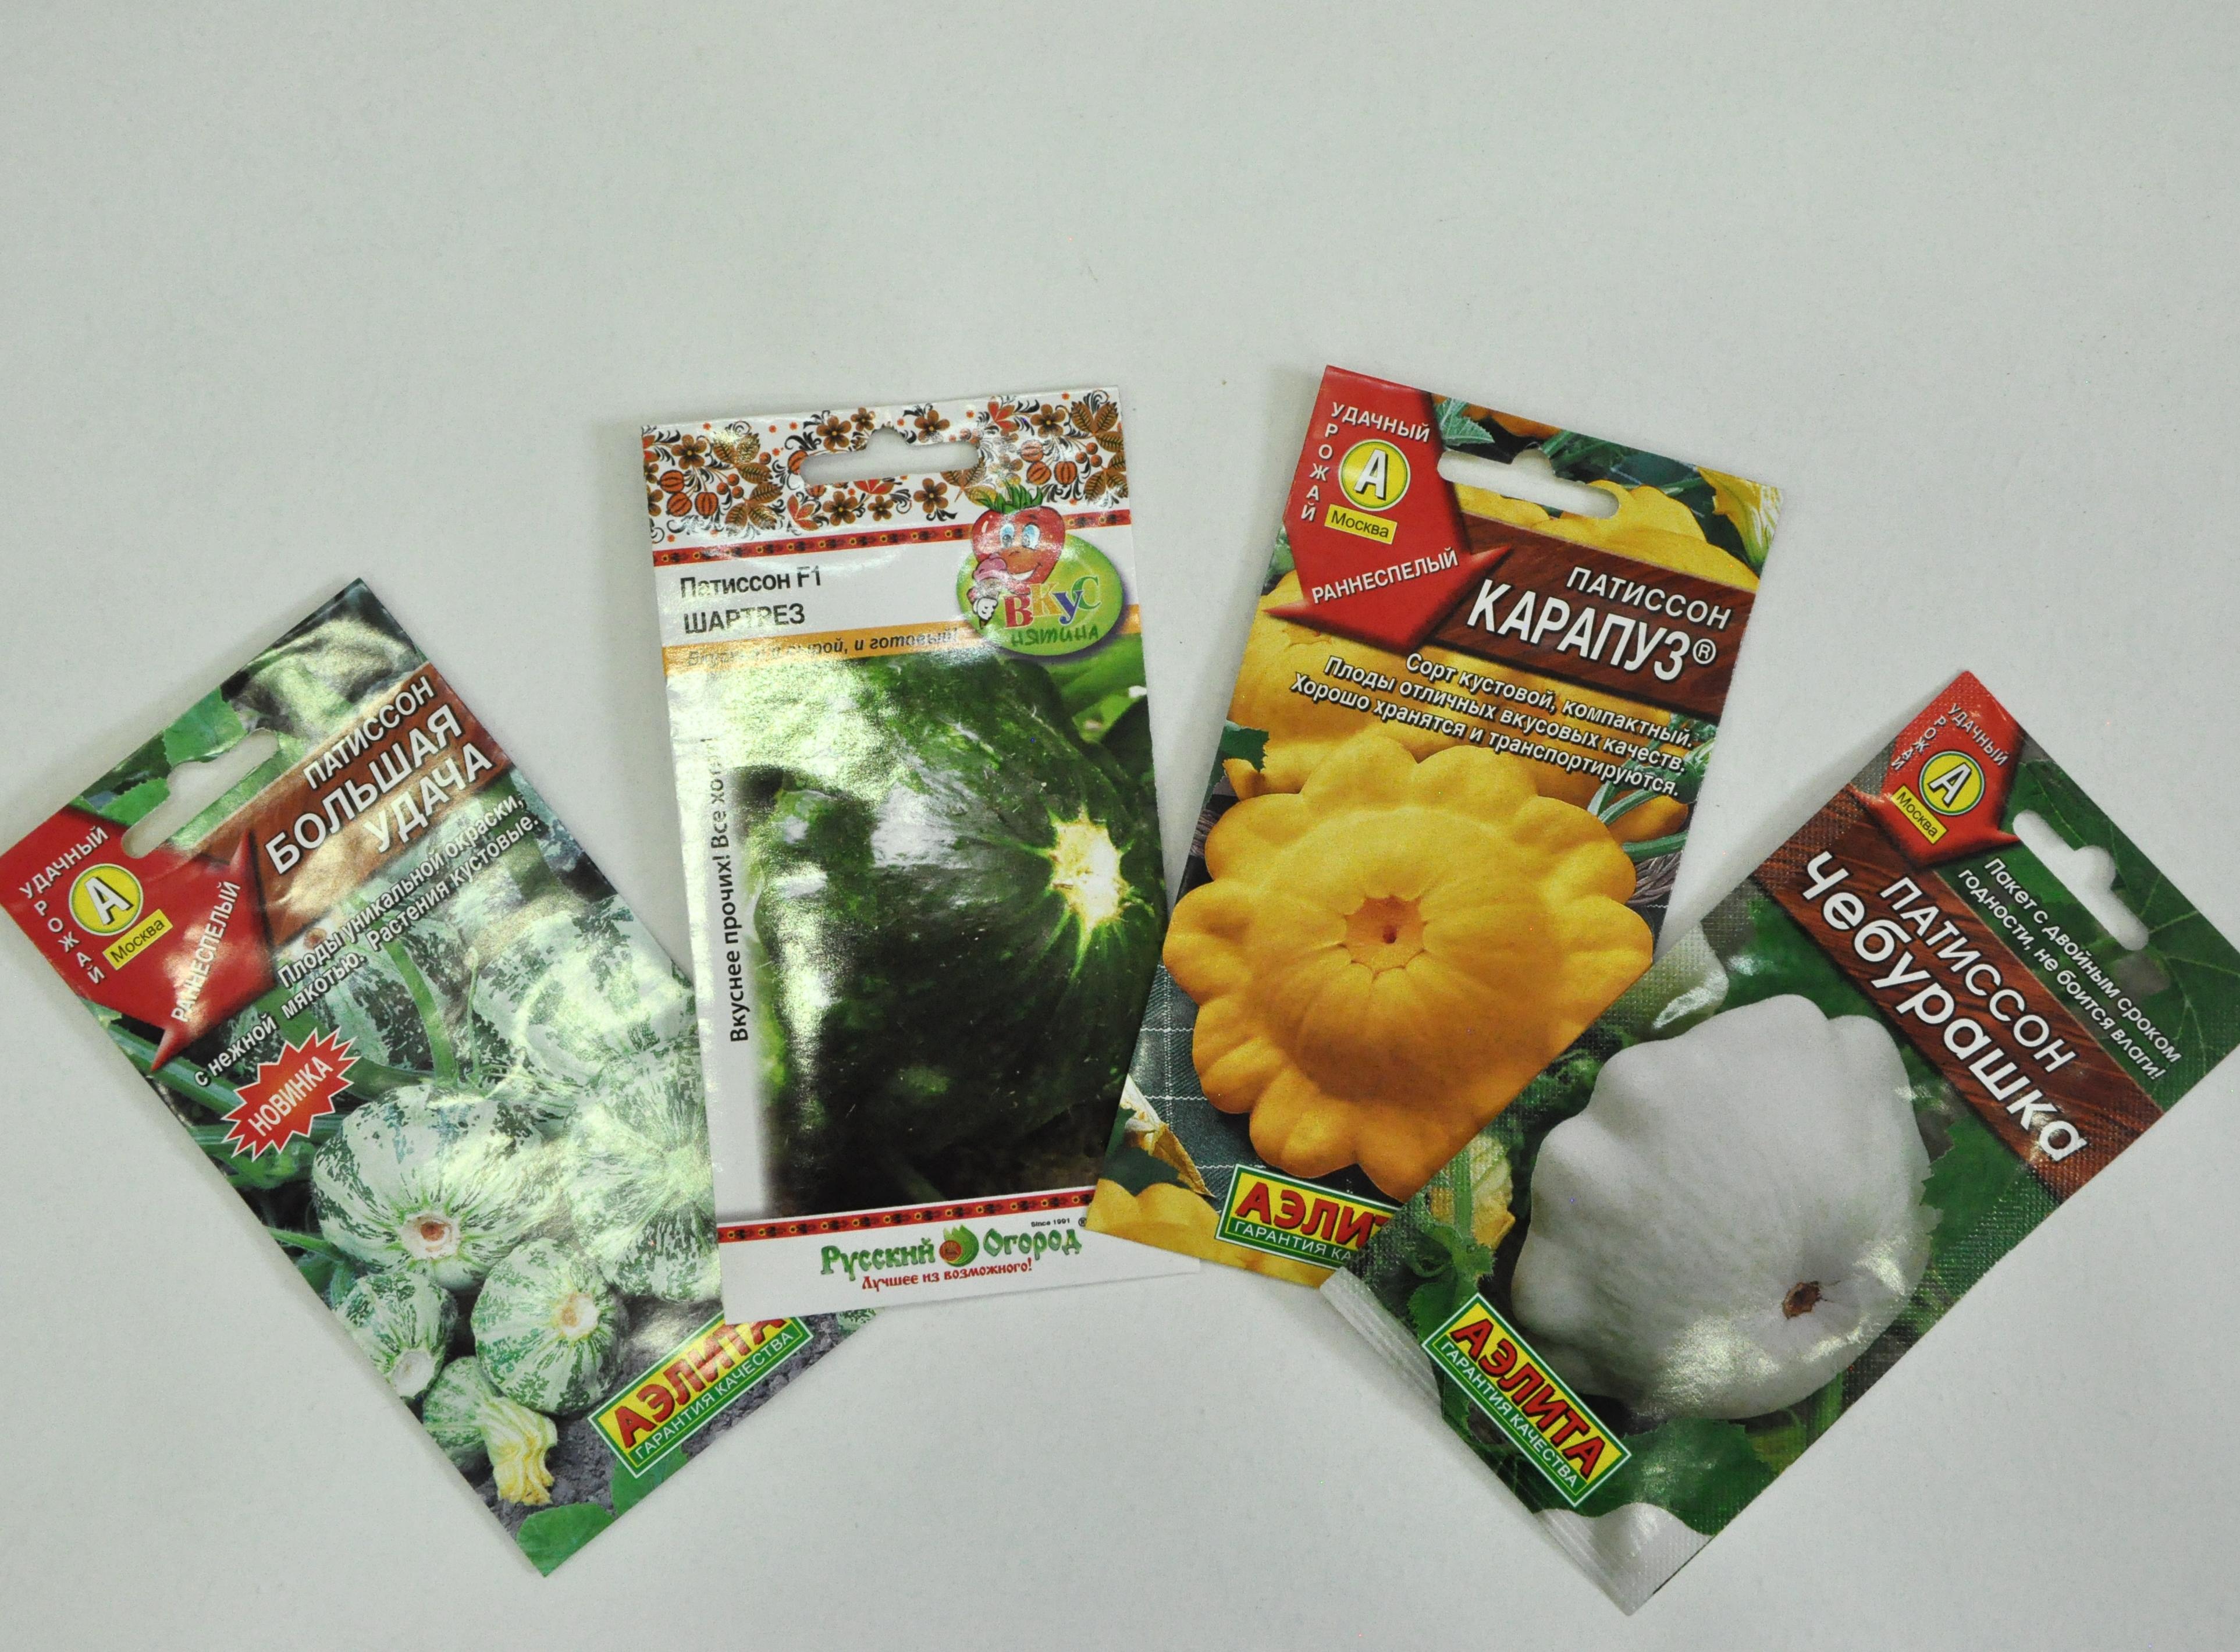 Патиссон карапуз, чебурашка, семена